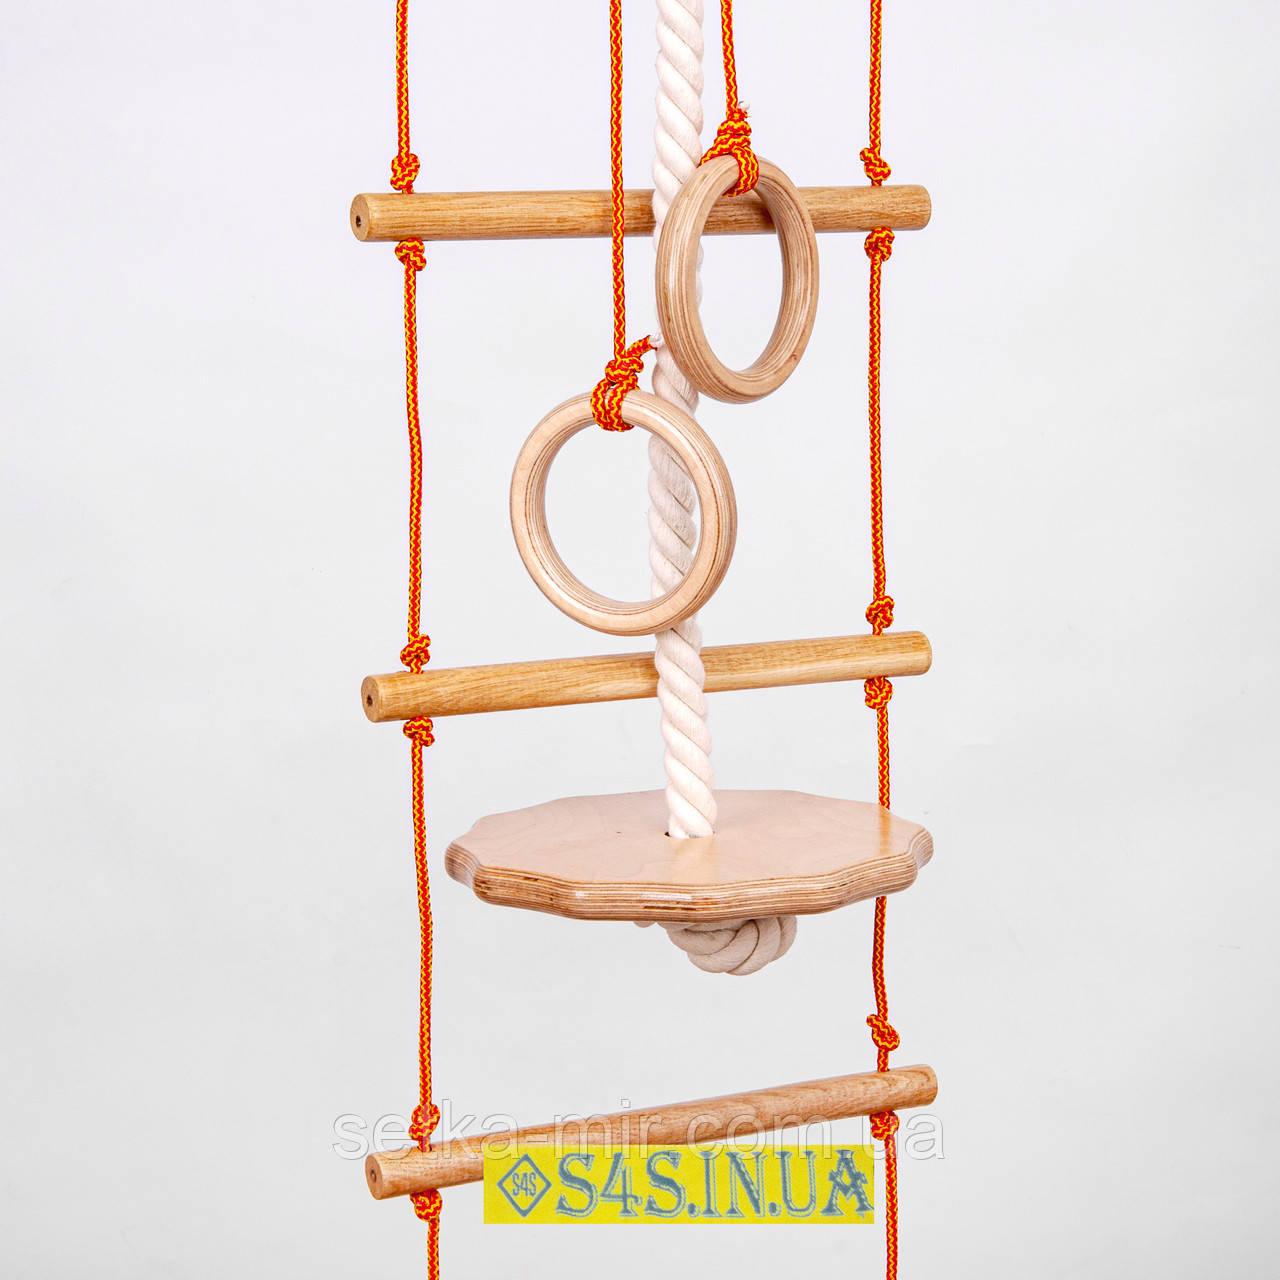 Дитячий набір для шведської стінки з дерева «ПРЕМІУМ» з тарзанкою підвісний мотузковий